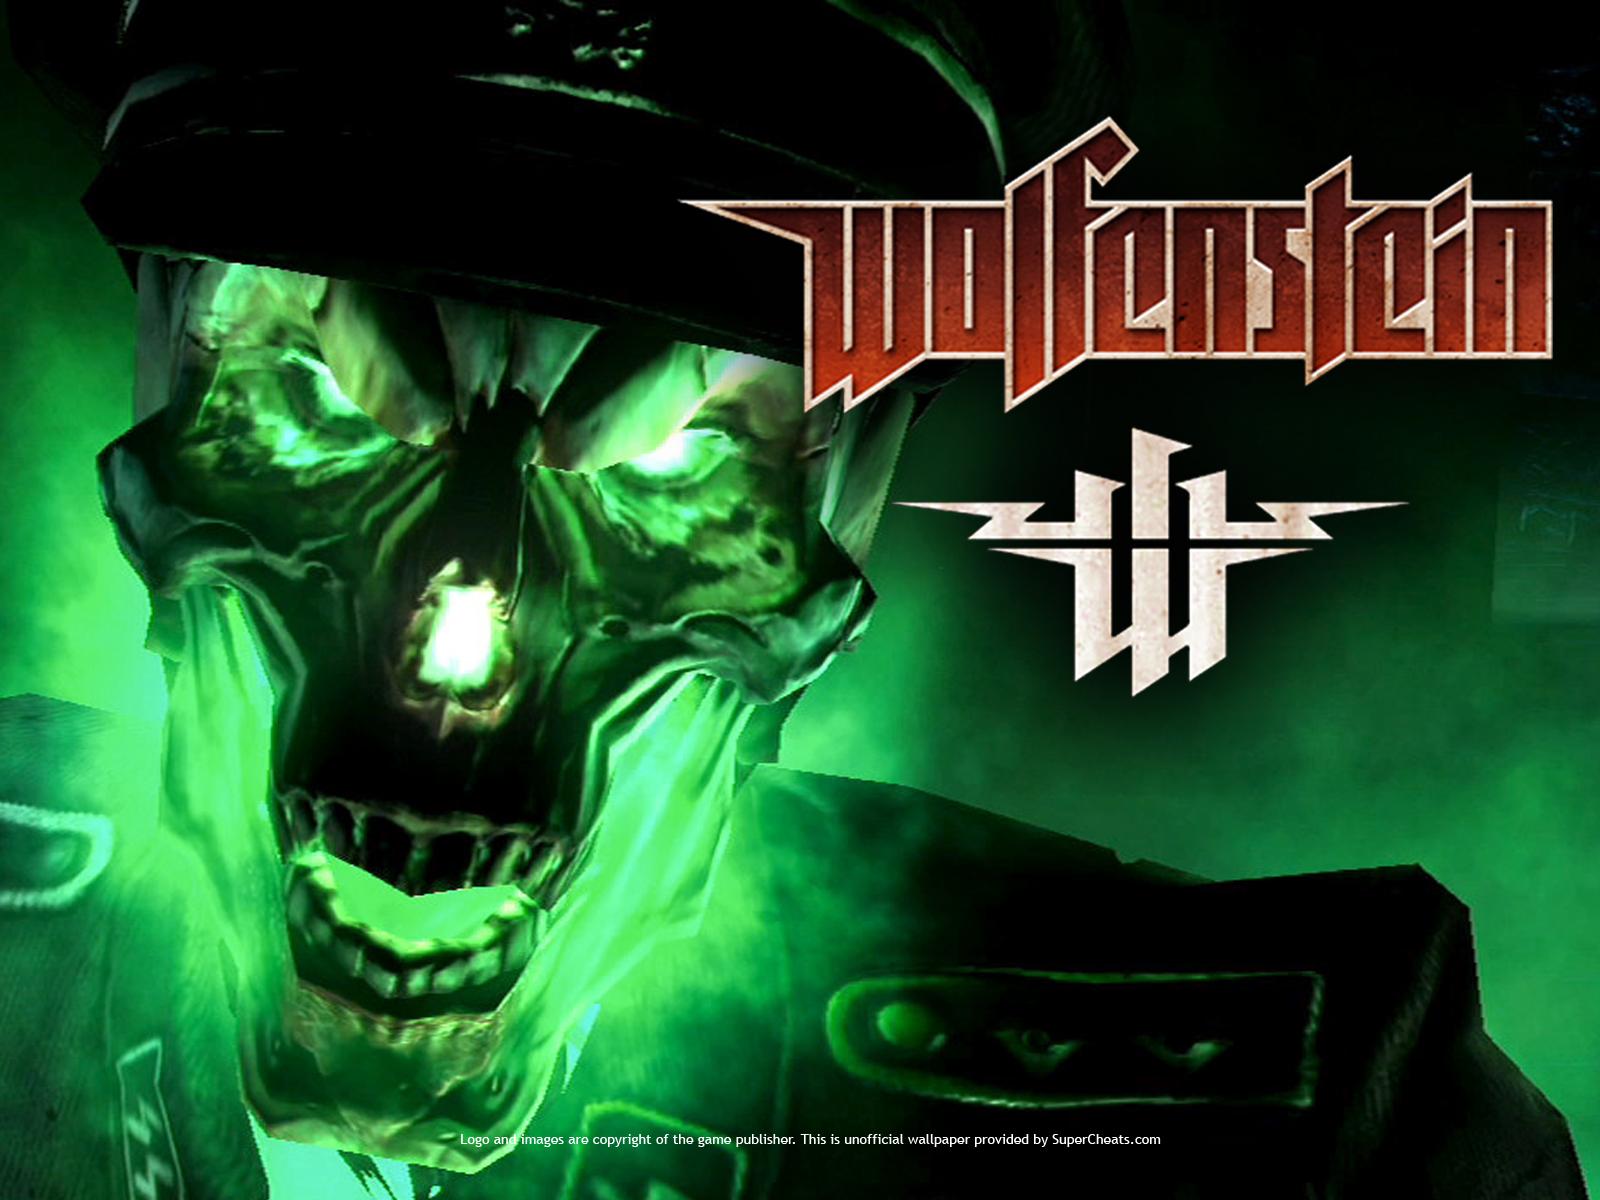 wolfenstein dark skull j wallpaper 1600x1200 152195